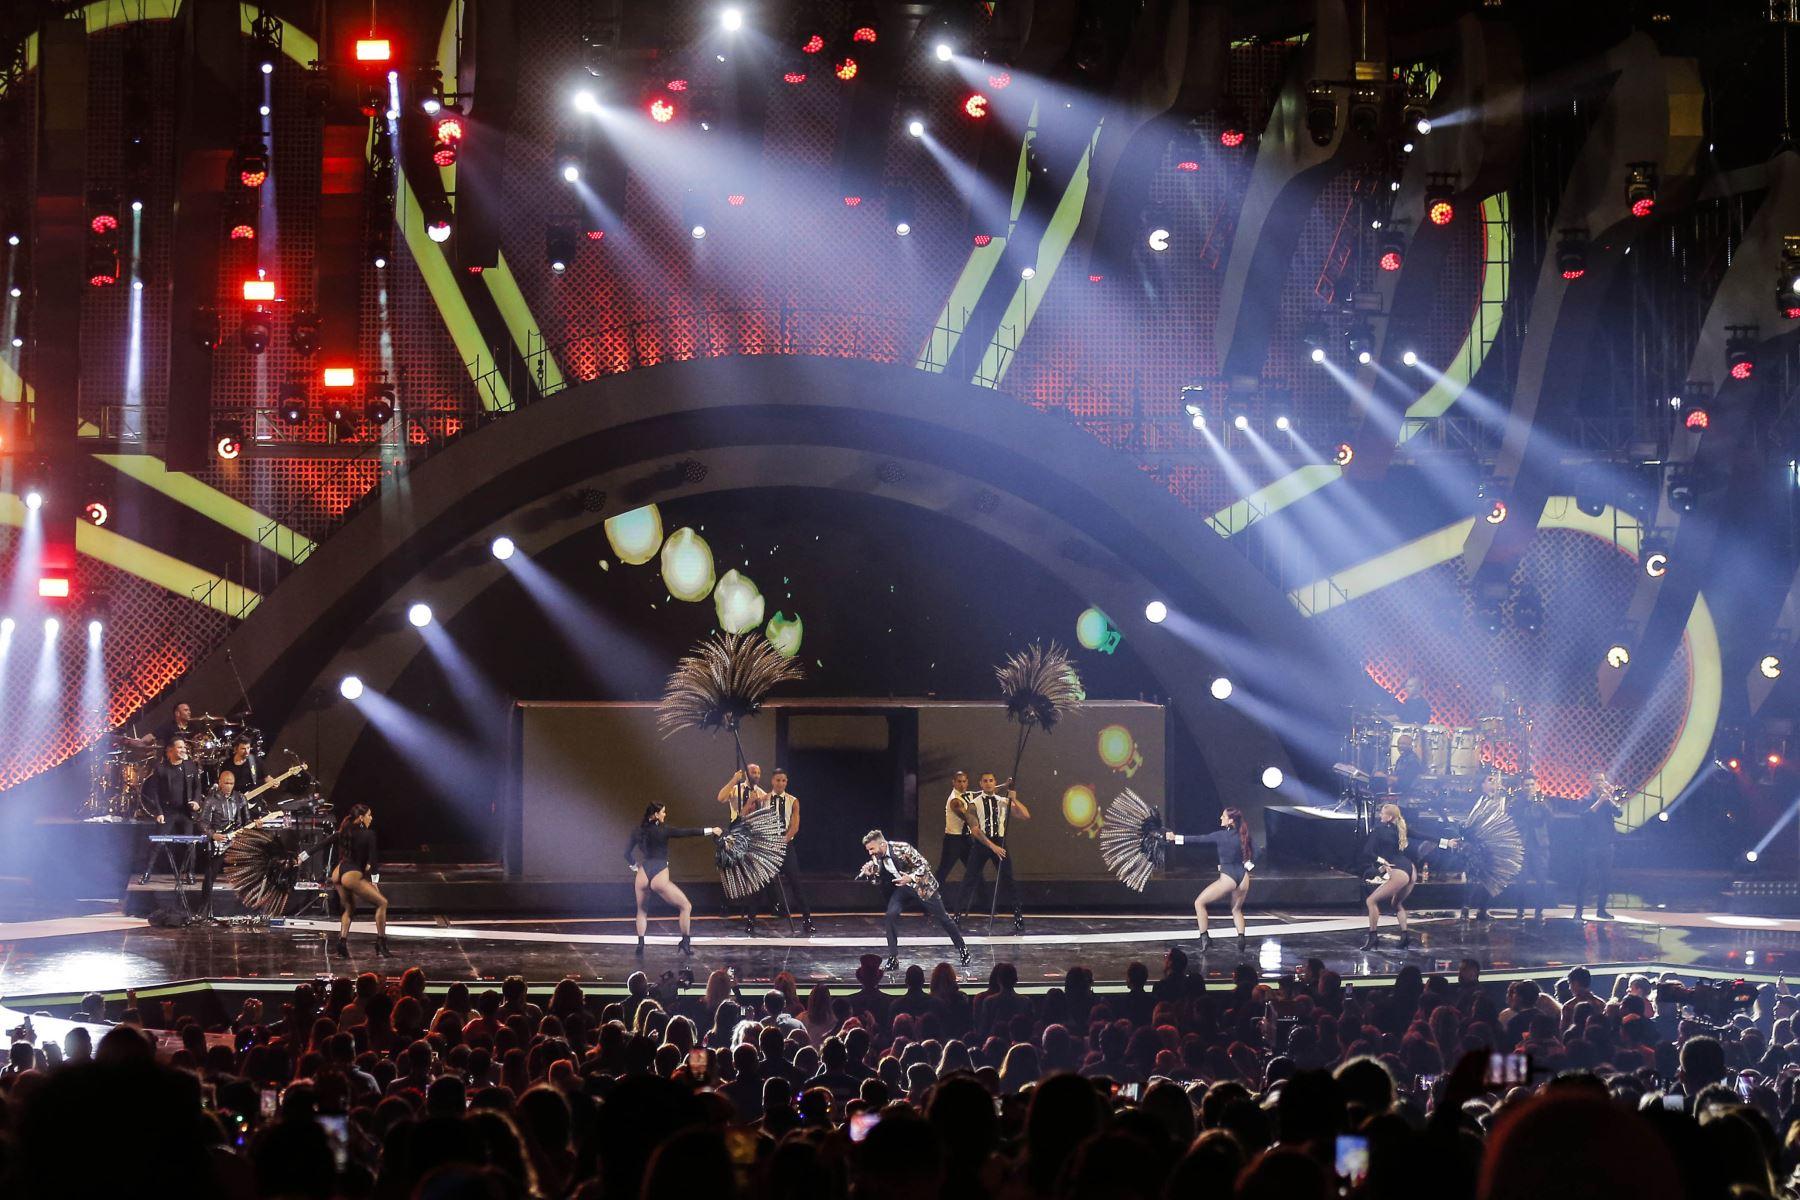 El cantante puertorriqueño Ricky Martin actúa durante la 61a edición del Festival Internacional de la Canción de Viña del Mar en el Festival de Música de Viña del Marl Mar. AFP